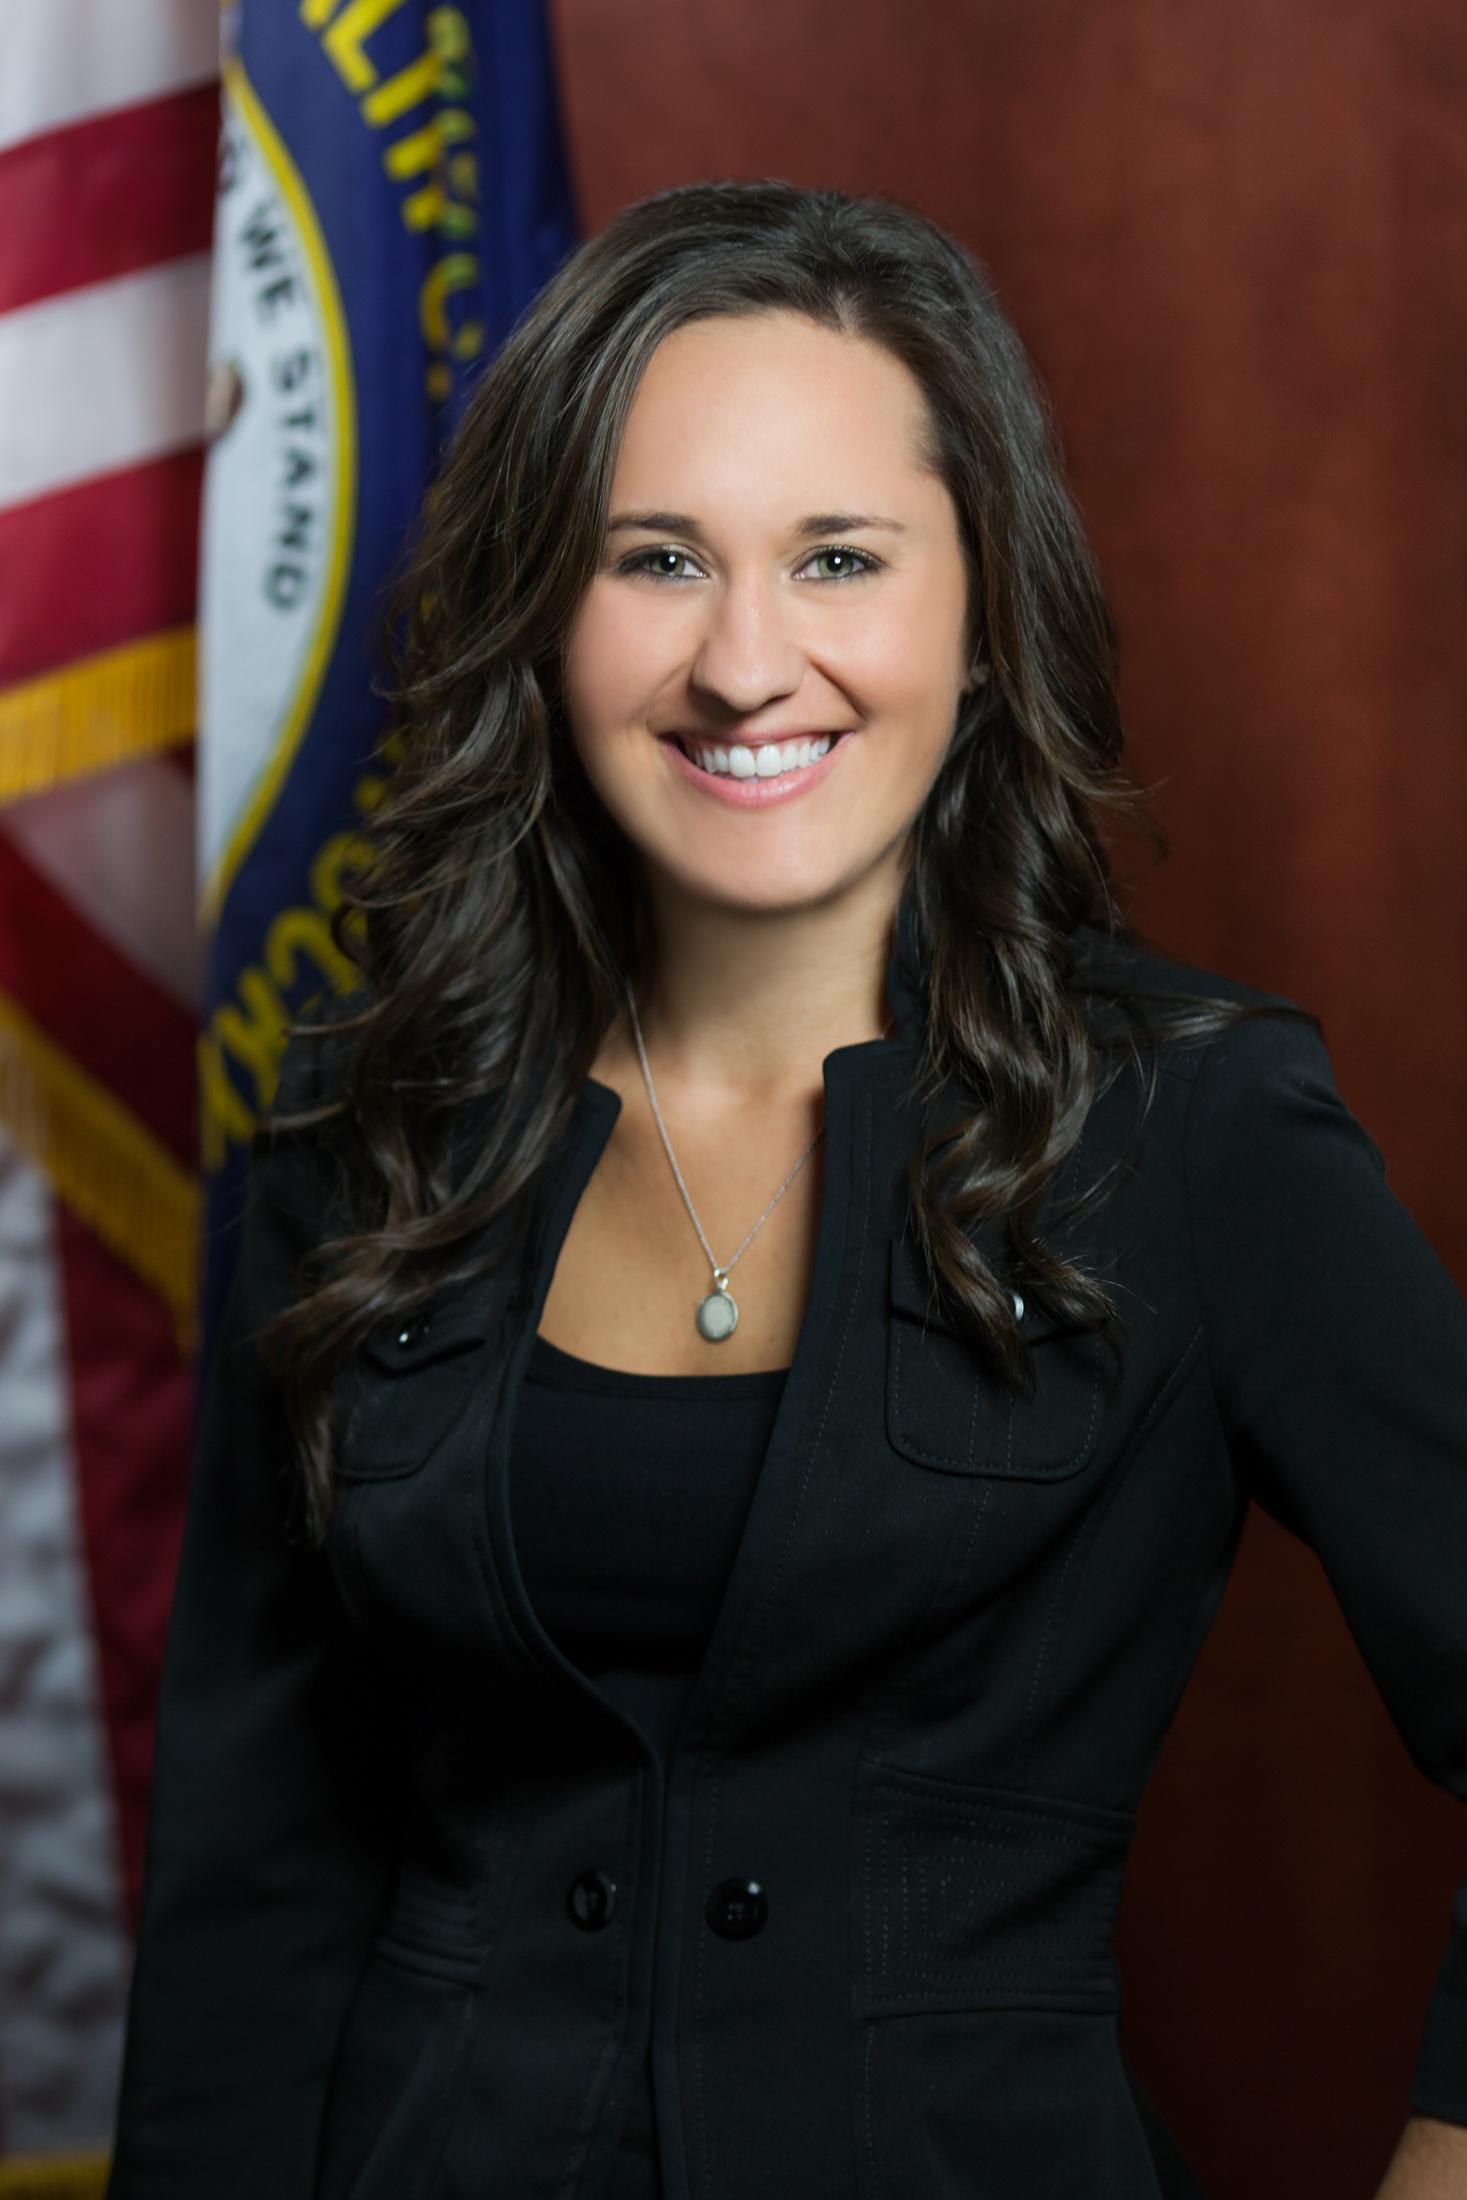 Maria Schletker